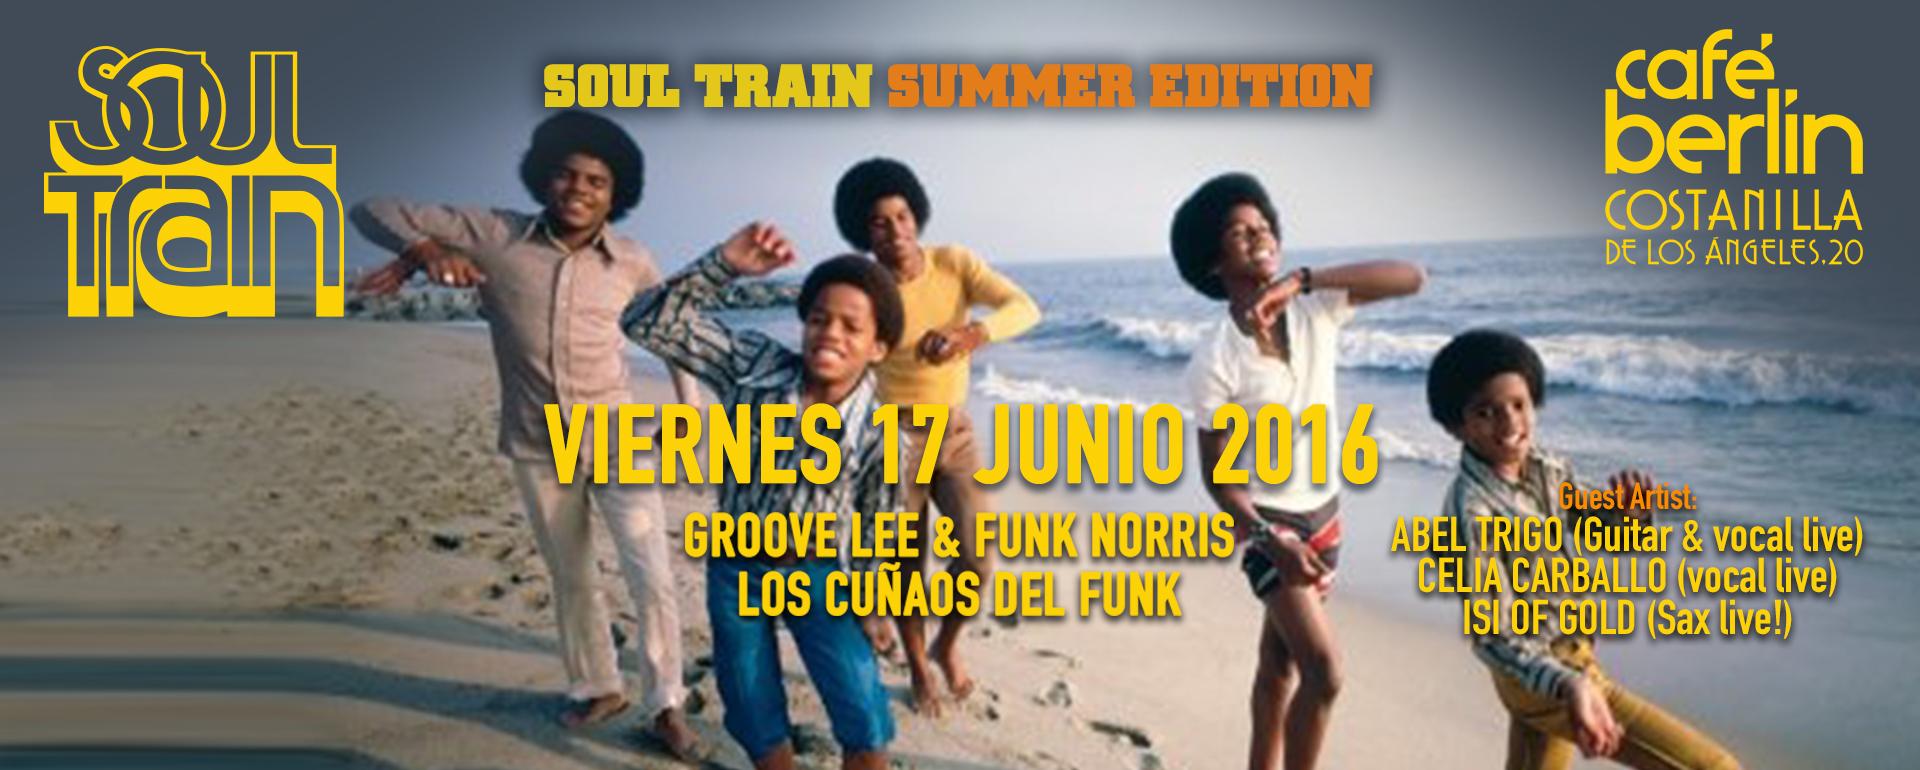 V17 Junio 2016. Soul Train Summer Edition. Café Berlín